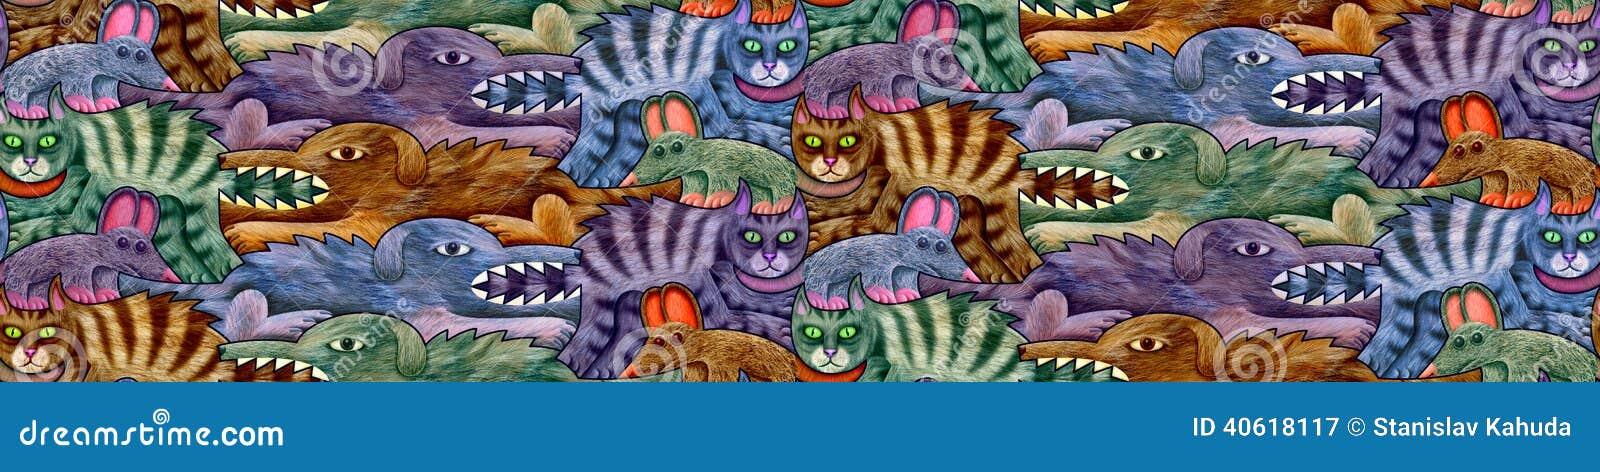 Modello senza cuciture fatto dei cani, dei gatti e dei topi in quattro tonalità